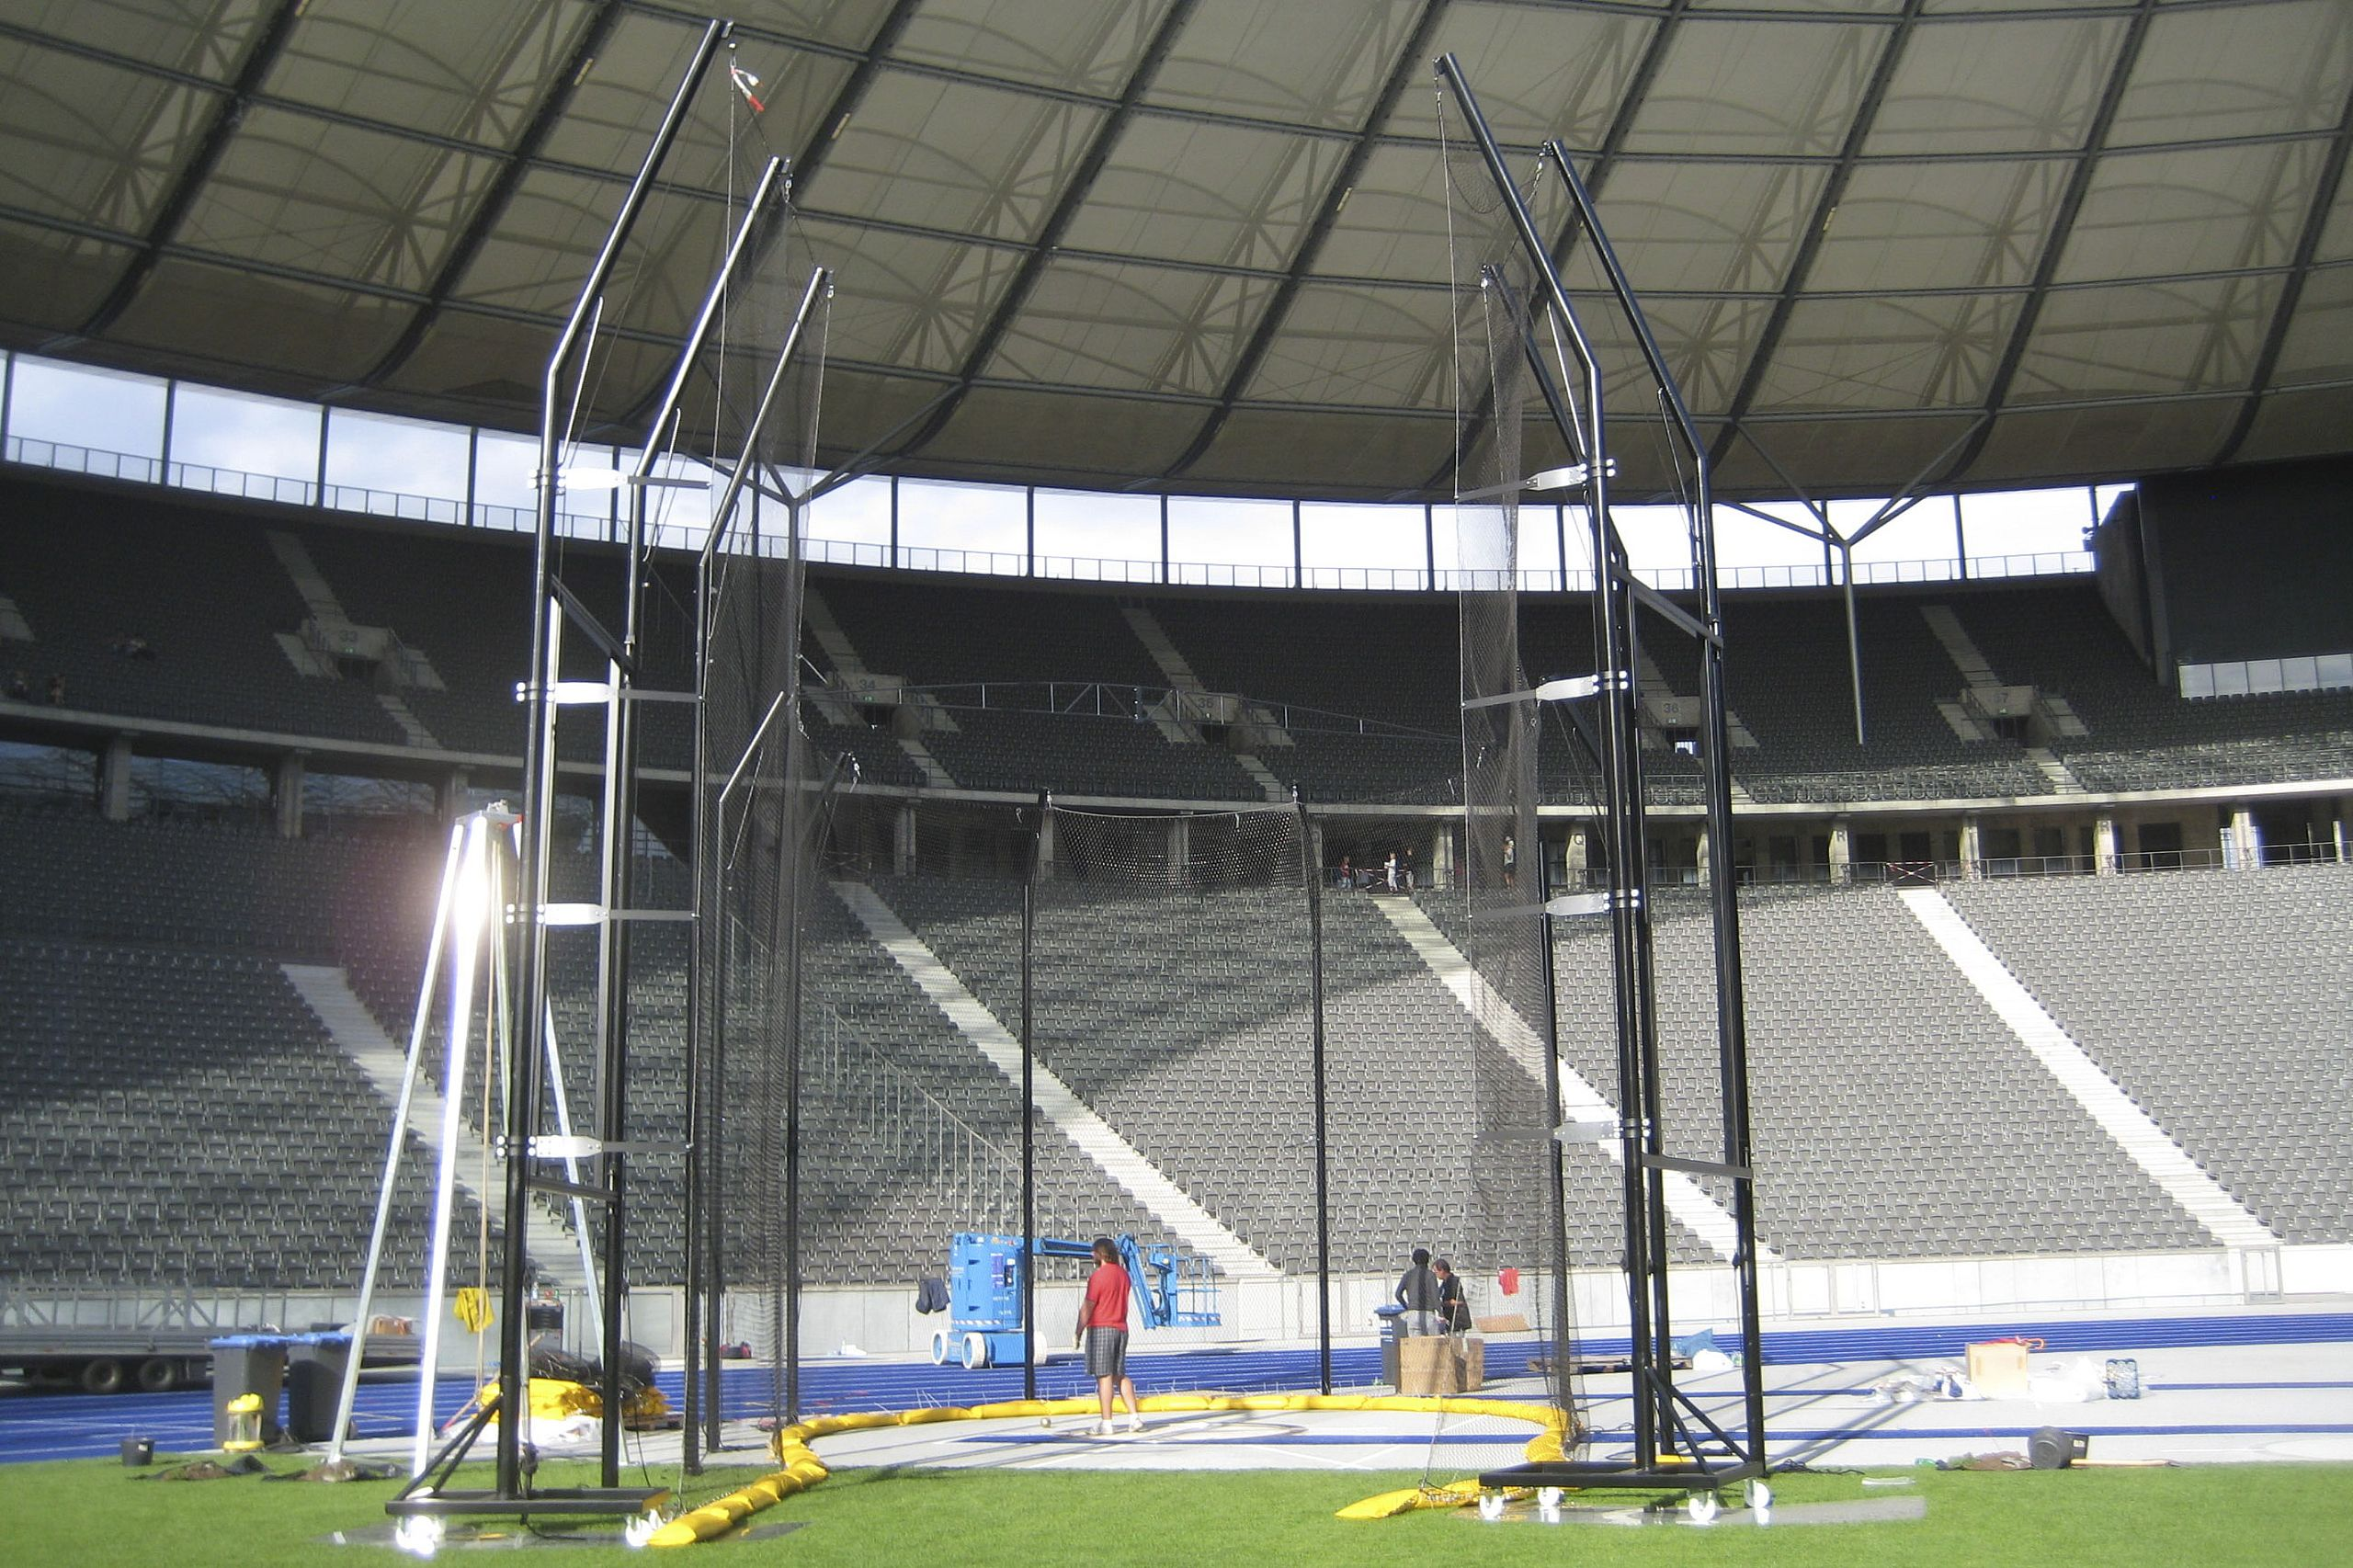 Diskuss- / Hammerwurfschutzgitter für das Olympiastadion Berlin